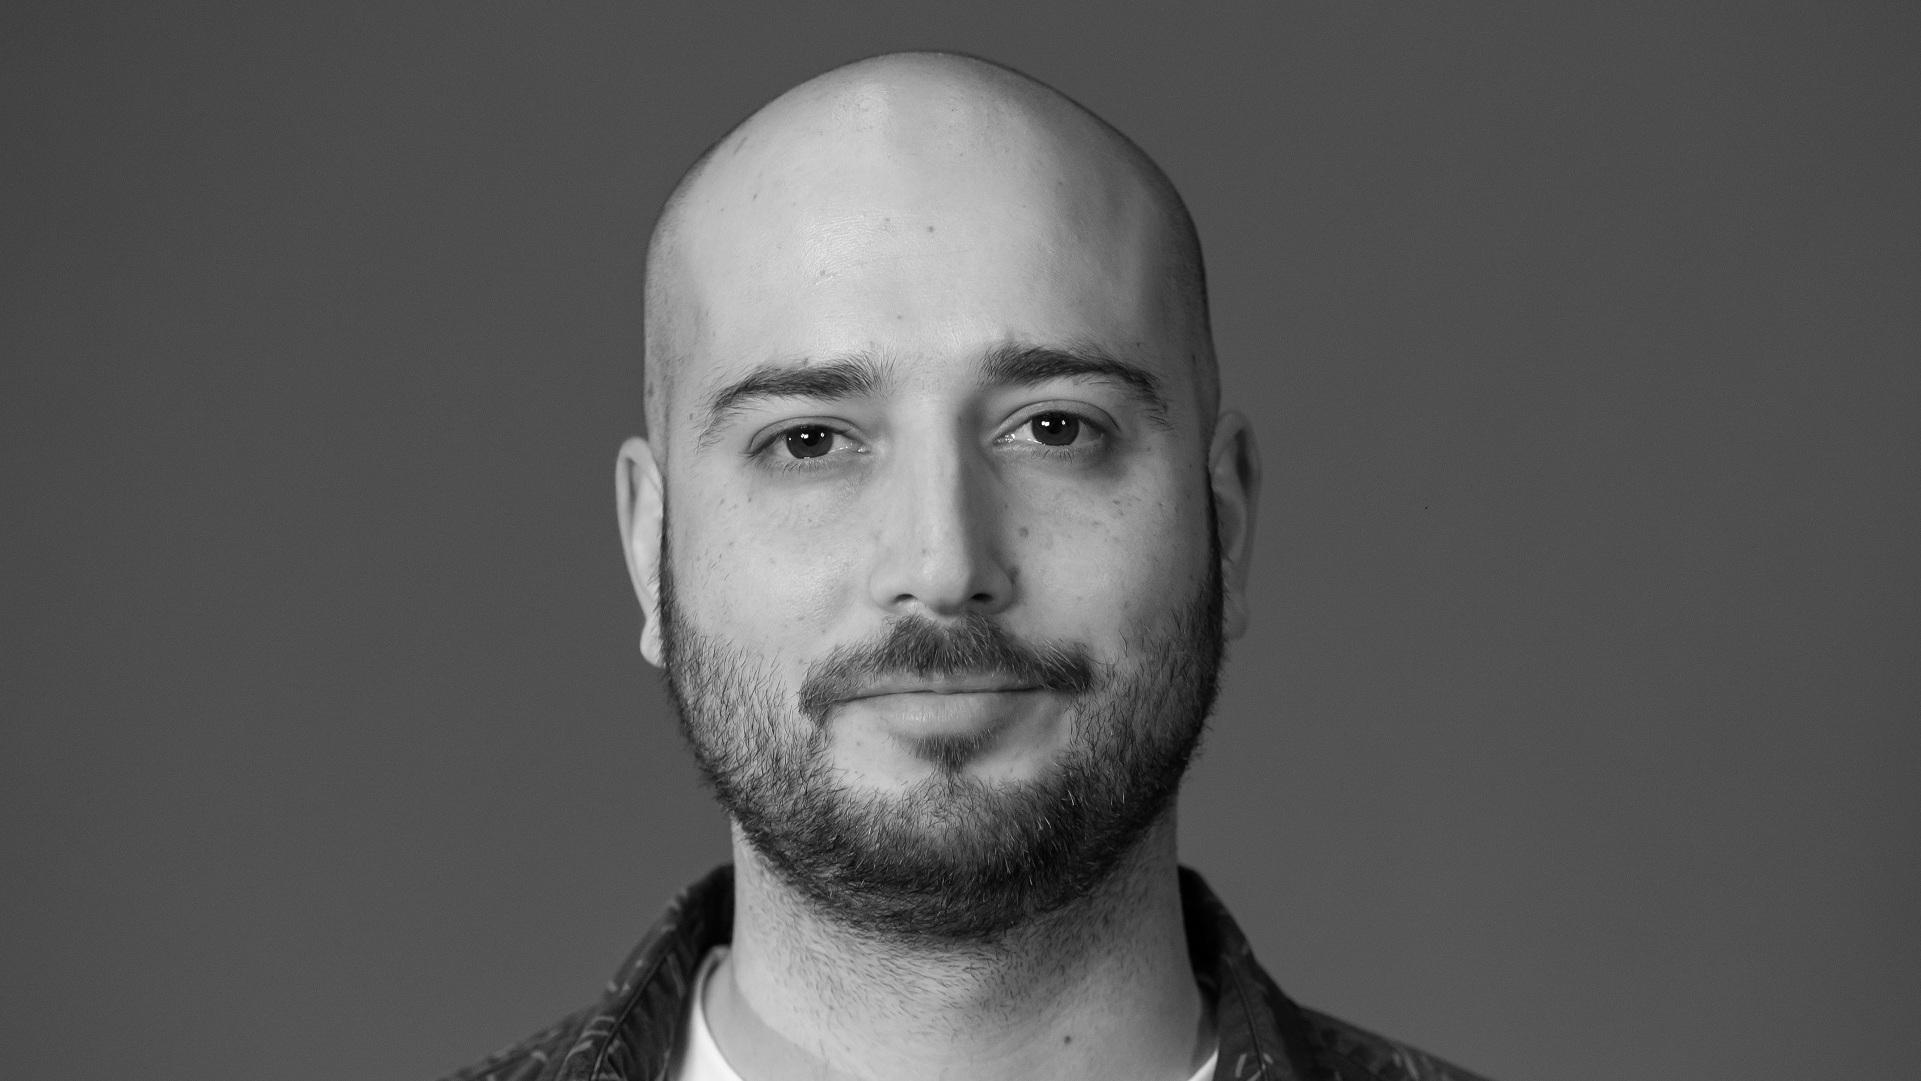 Adrian Farrugia